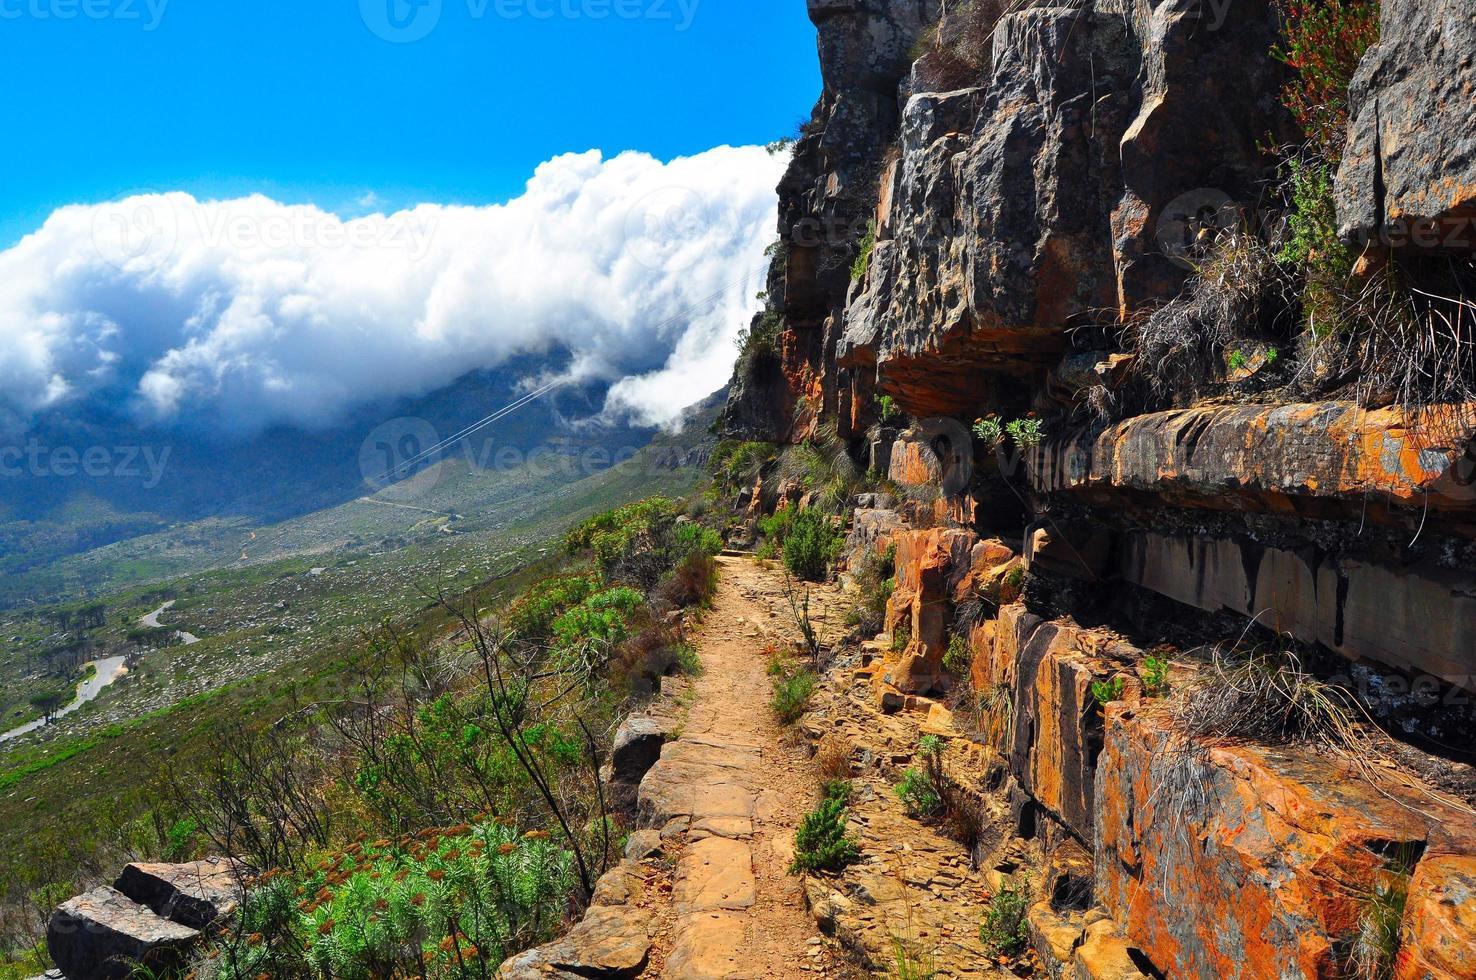 sentiero escursionistico di montagna da tavolo foto